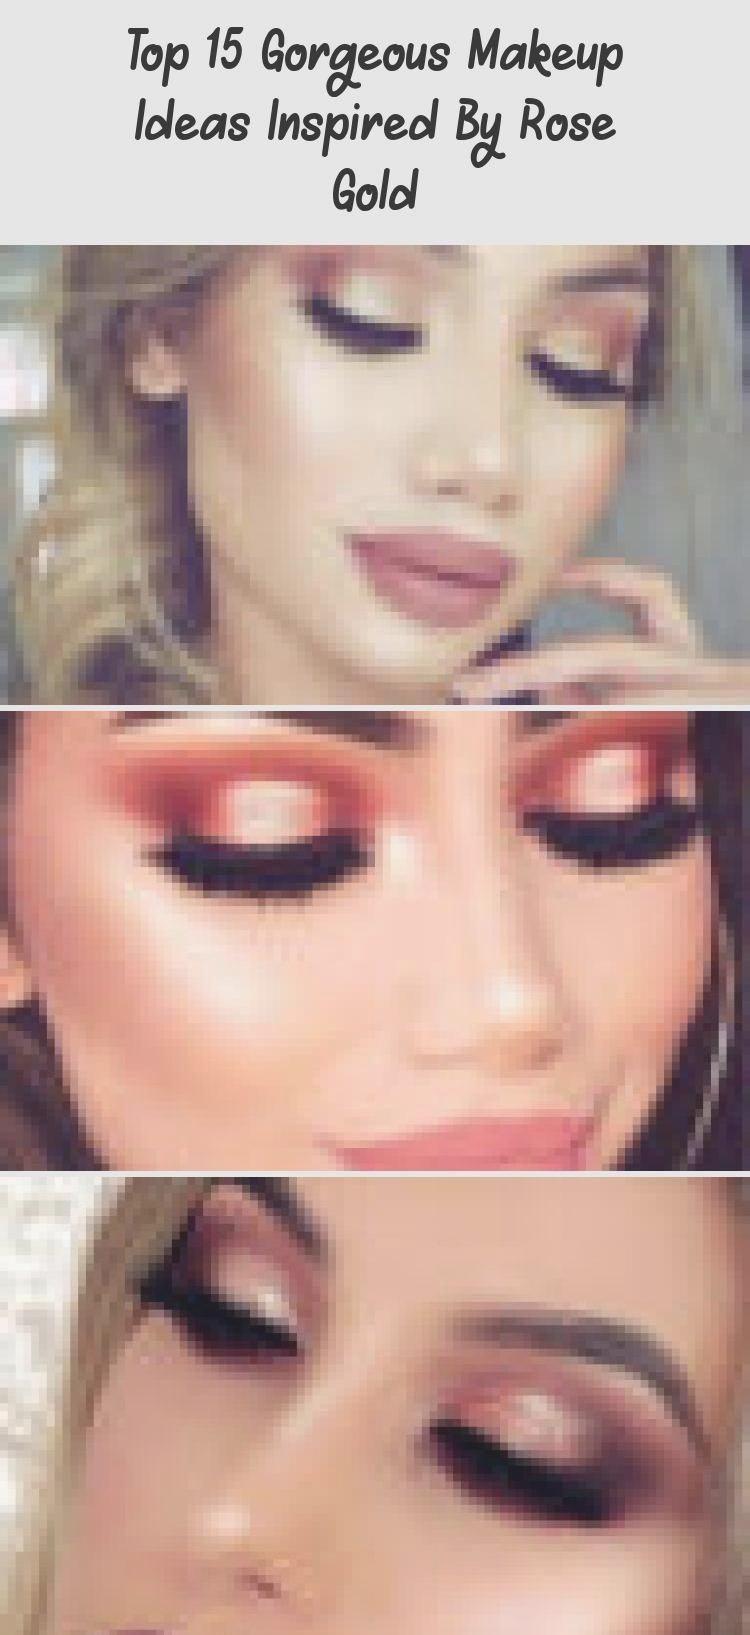 Top 15 wunderschöne Make-up-Ideen inspiriert von ... - Top 15 wunderschöne Make-up ... -  Top 15 wunderschöne Make-up-Ideen inspiriert von … – Top 15 wunderschöne Make-up-Ideen inspir - #eyeshadowpalette #ideen #inspiriert #makeupforblondes #makeuphighlighter #makeupmirror #makeuproomideas #makeuproomstudio #makeupsponge #Makeup #MakeupIdeen #nightmakeup #prommakeup #Top #von #wunderschone